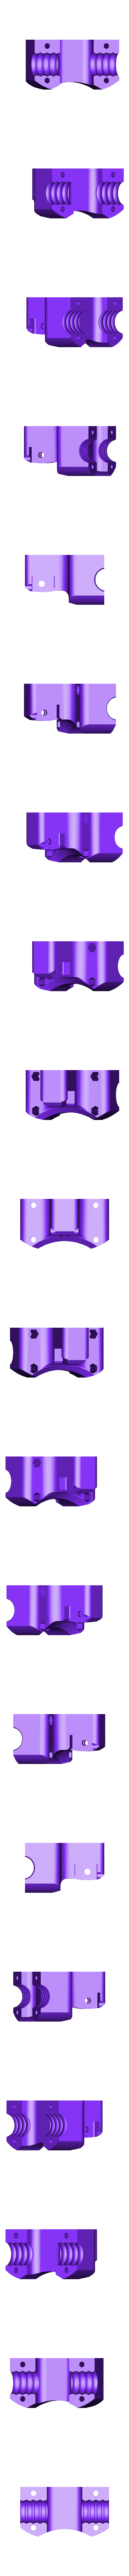 ZL_mount_back.STL Download free STL file Zebralight H600w Mk II helmet Gopro mount / bracket • 3D printable model, Cerragh